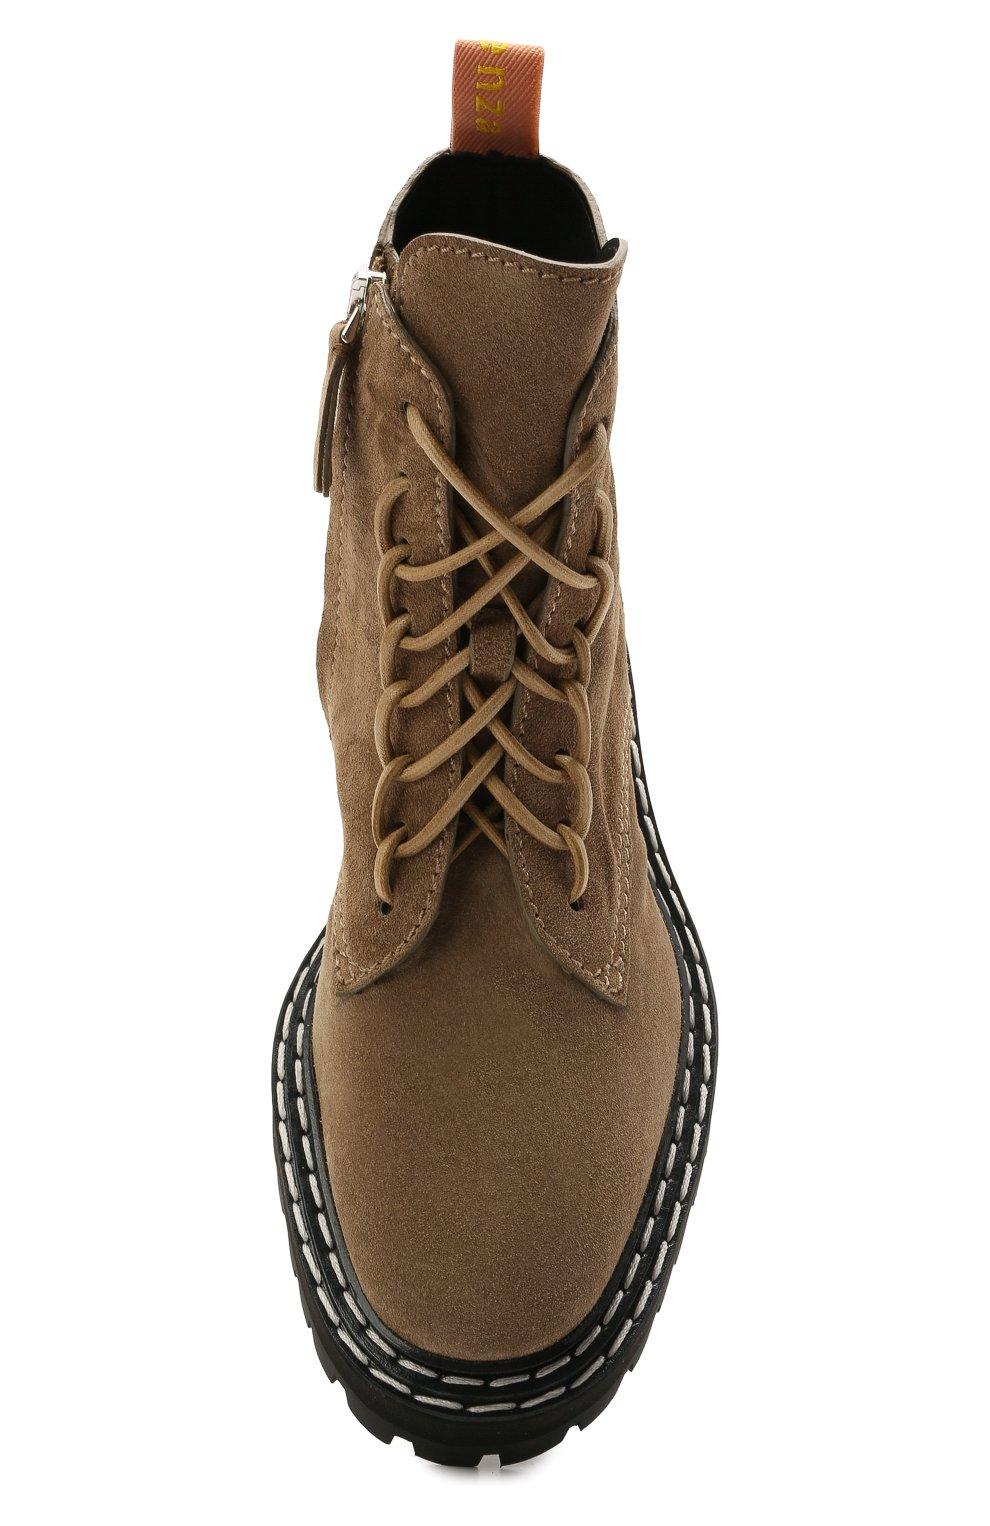 Женские замшевые ботинки PROENZA SCHOULER светло-коричневого цвета, арт. PS35113A/13070 | Фото 5 (Подошва: Платформа; Материал внешний: Кожа, Замша; Каблук высота: Низкий; Женское Кросс-КТ: Военные ботинки; Материал внутренний: Натуральная кожа)